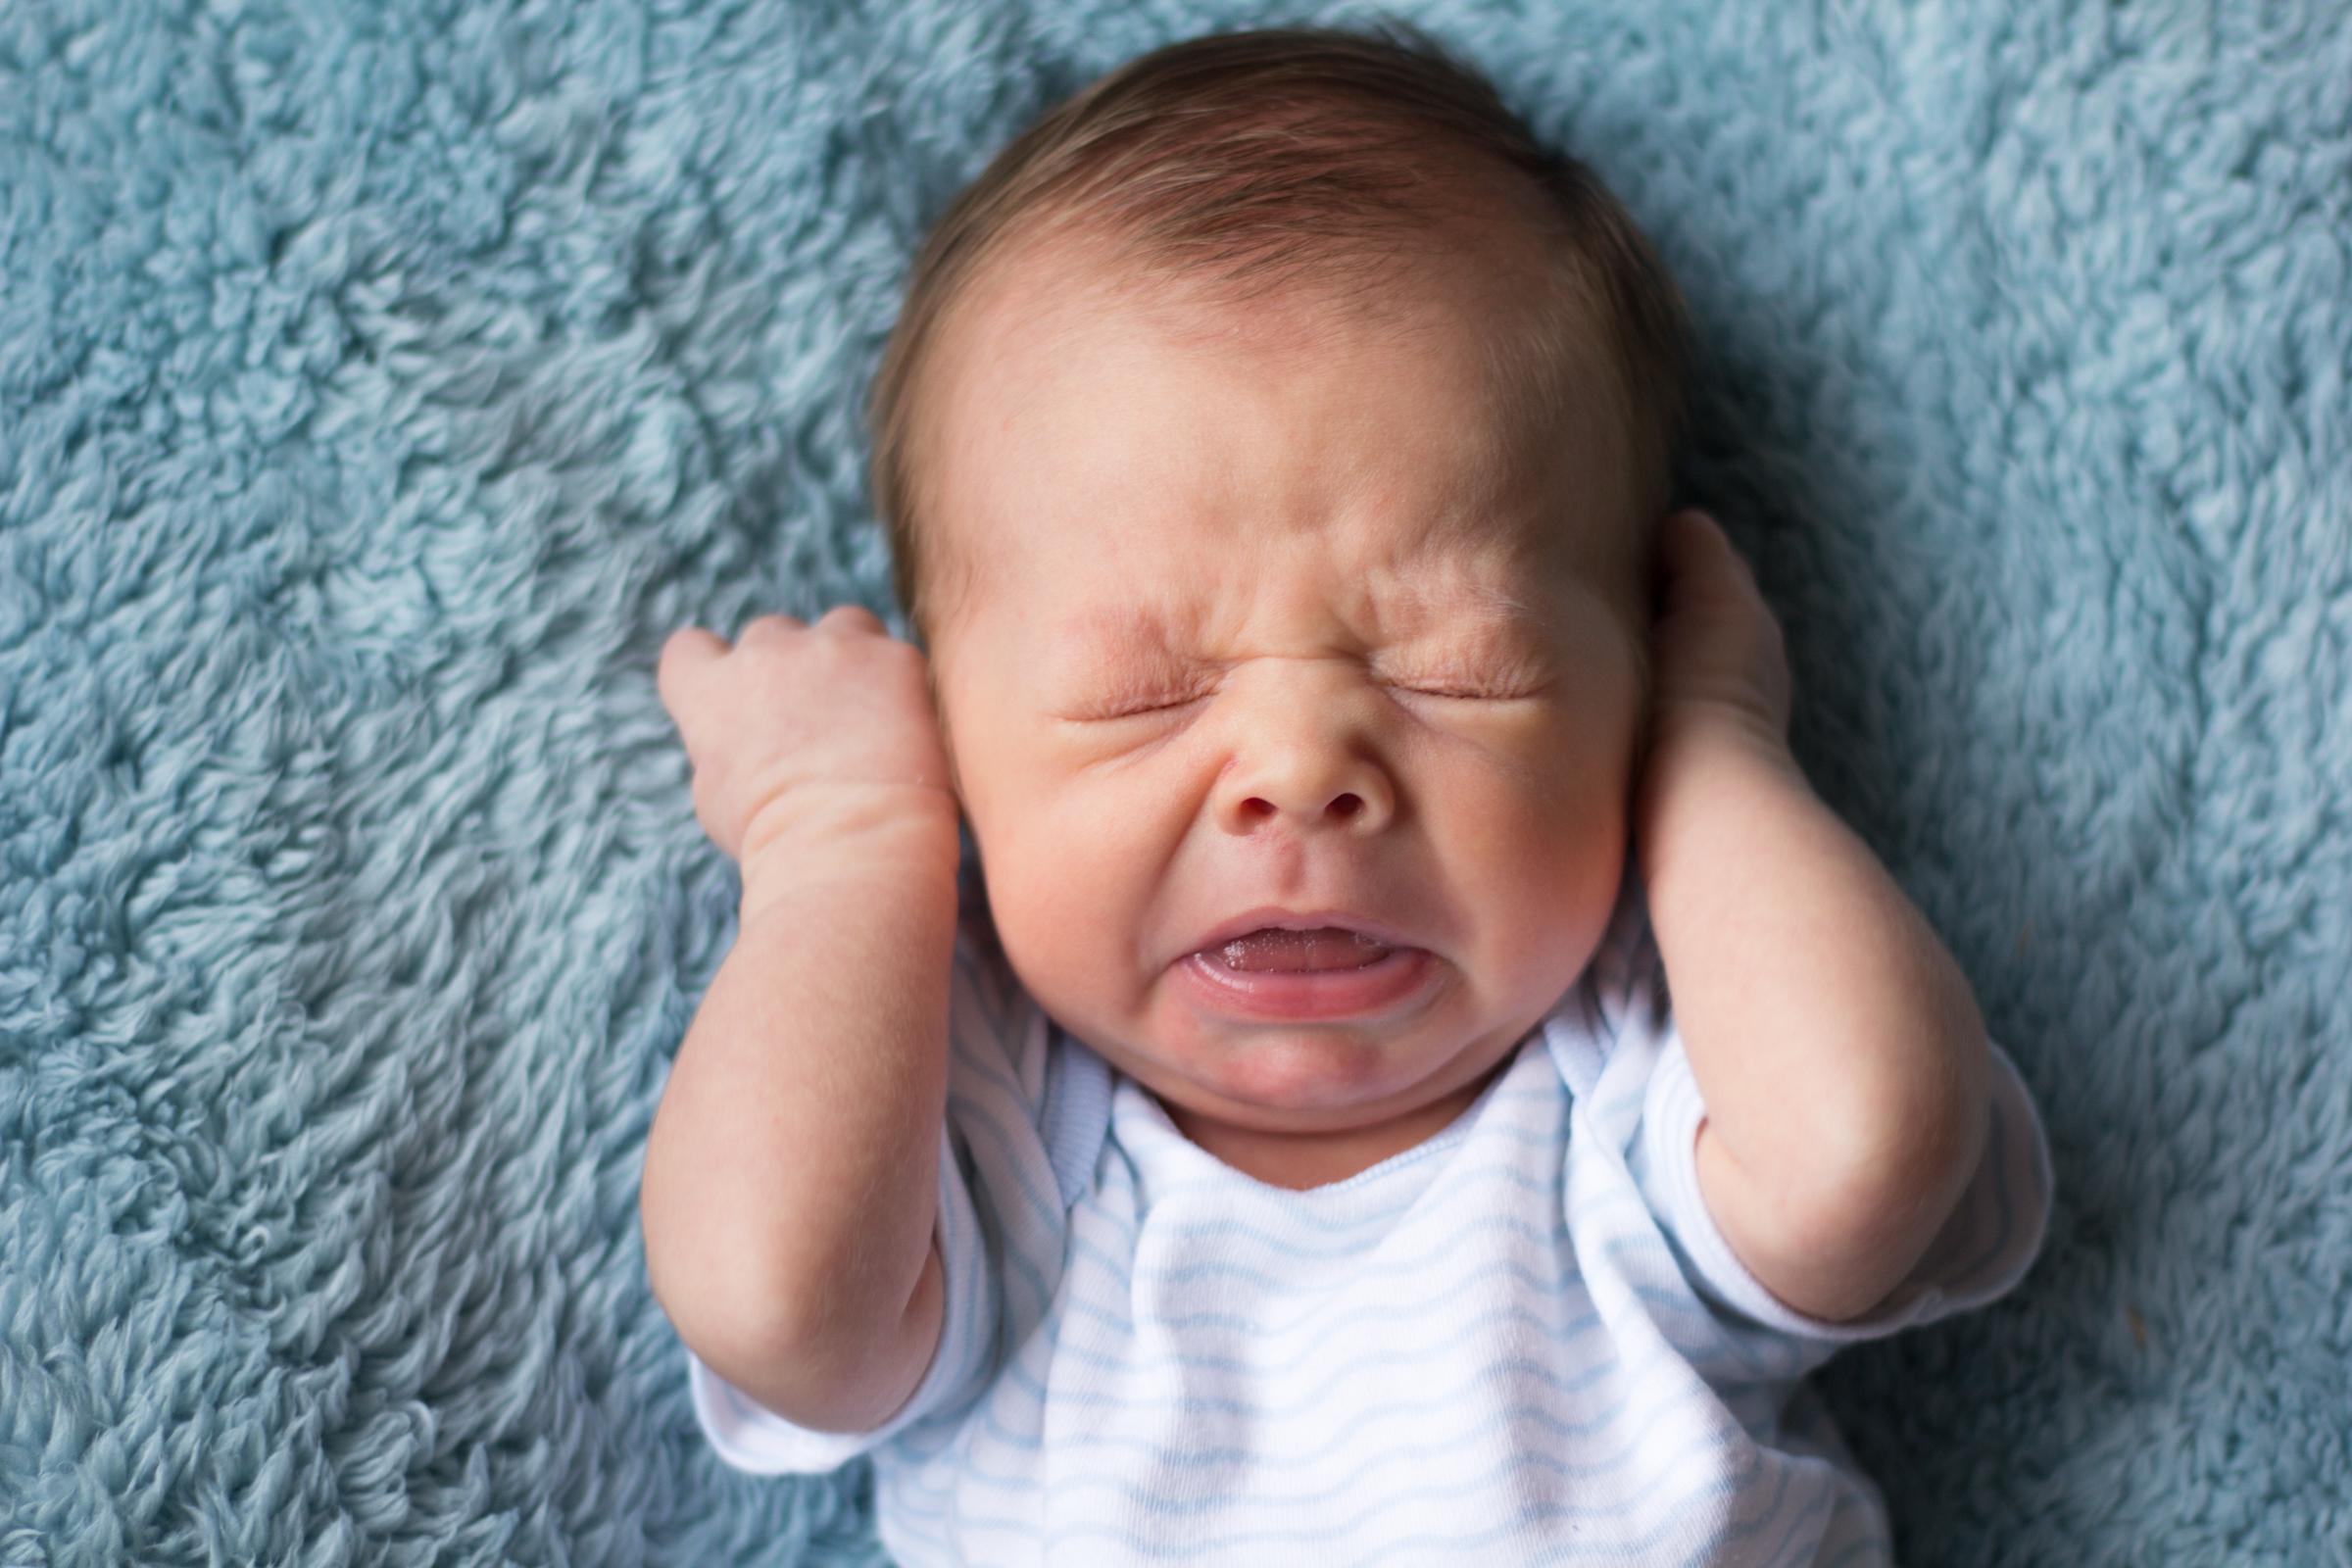 Newborn Photoshoot Photos by Ben (10).jpg